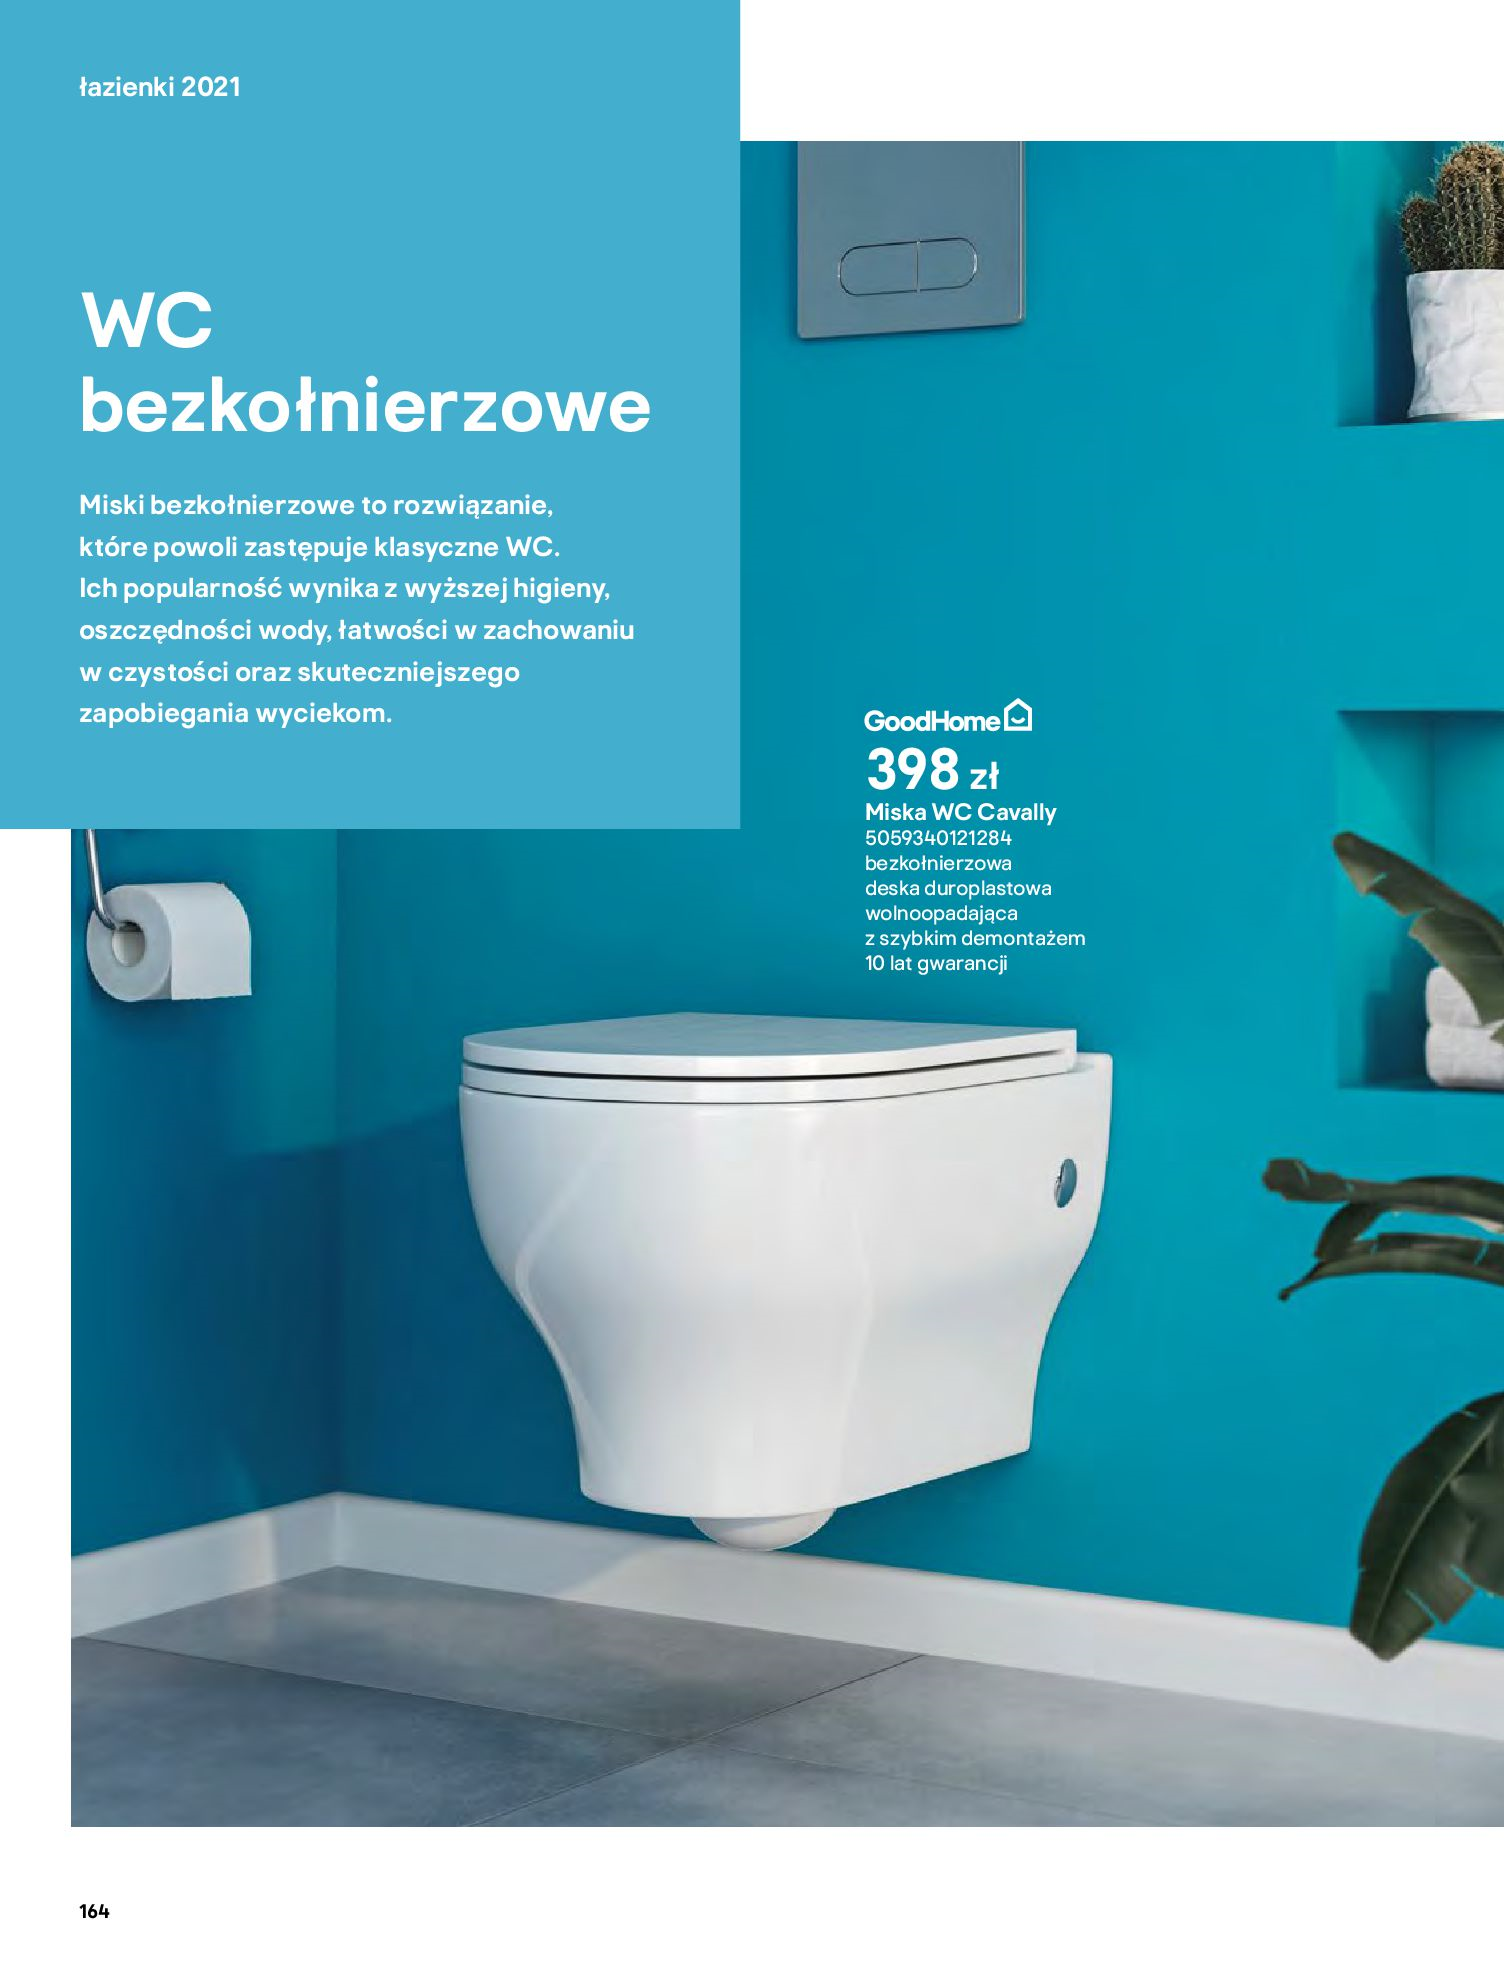 Gazetka Castorama: Gazetka Castorama - katalog łazienki 2021 2021-06-16 page-164